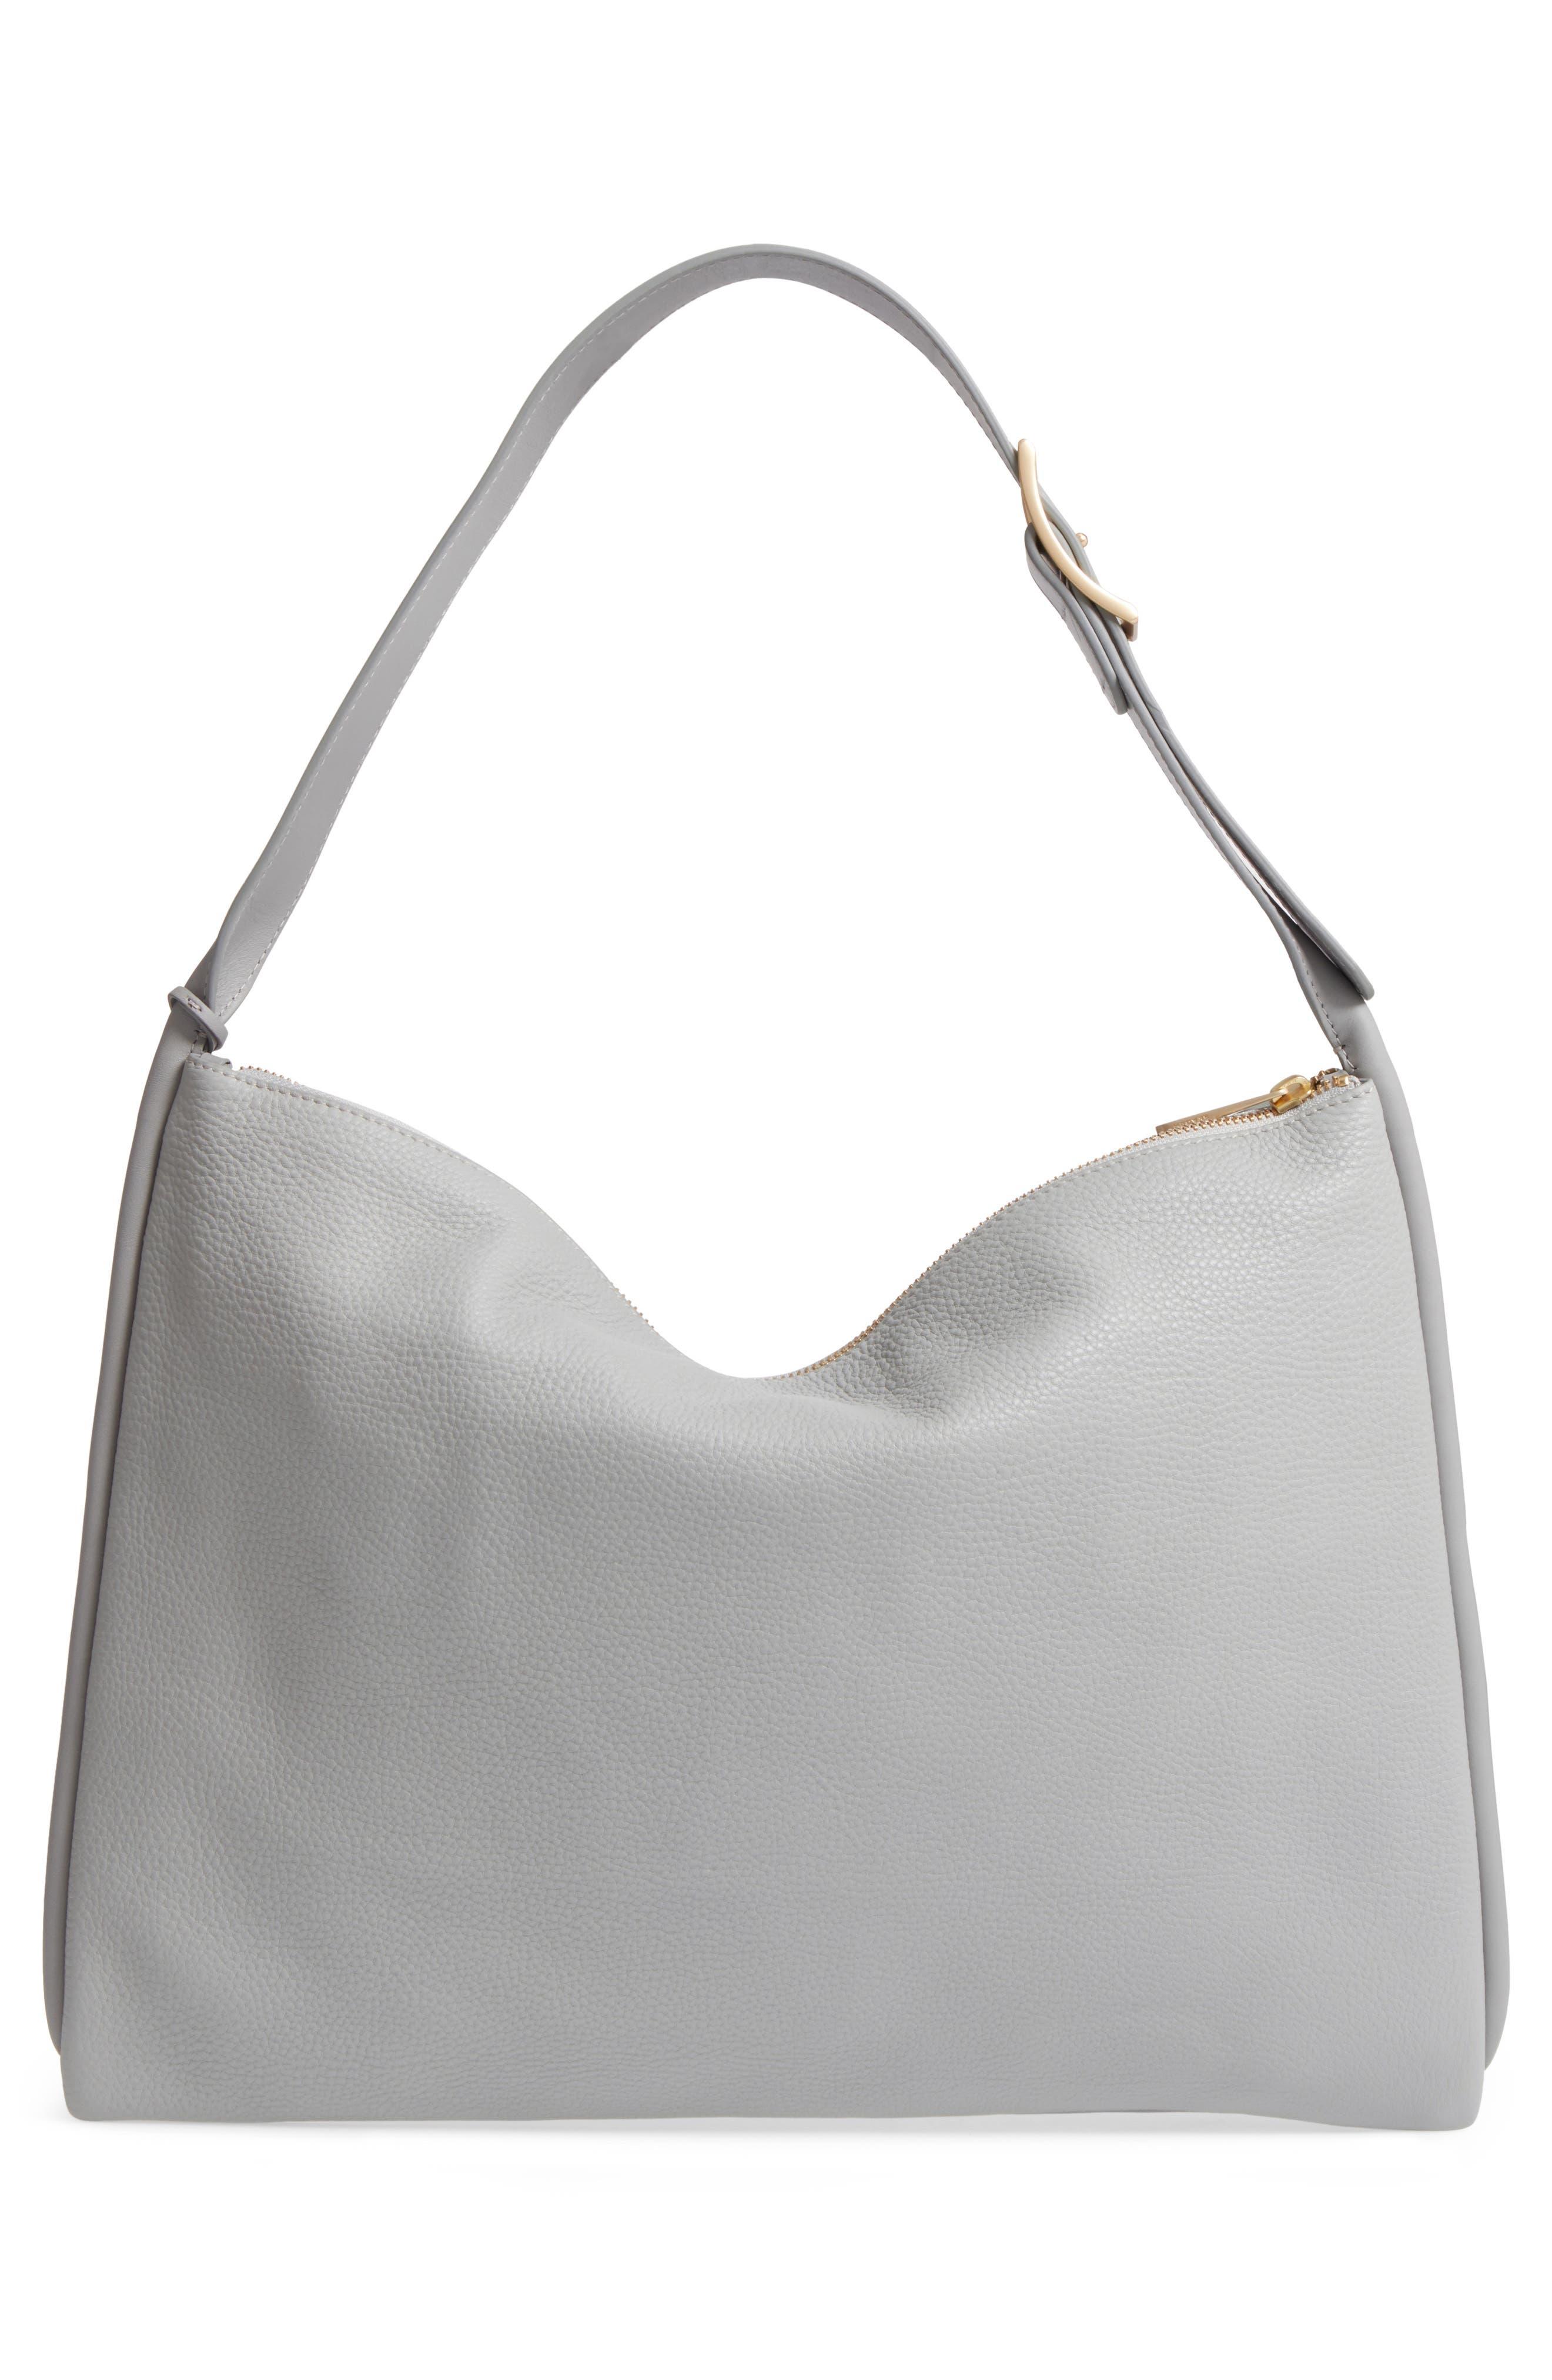 Anesa Leather Shoulder Bag,                             Alternate thumbnail 3, color,                             022